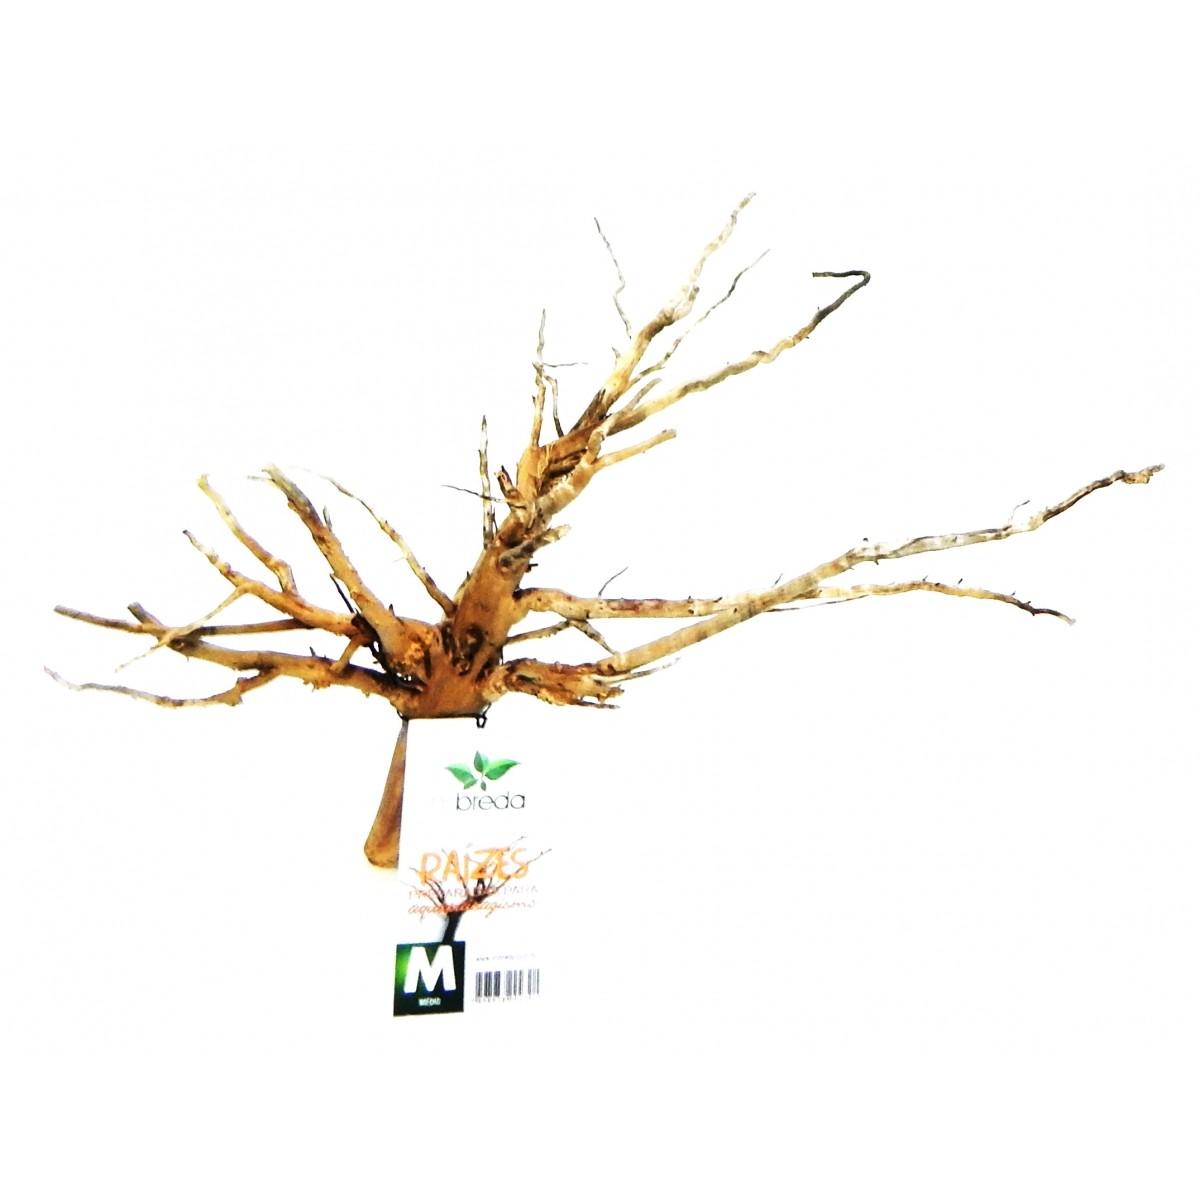 RAIZ NATURAL MBreda para decoração em aquários - Tamanho M-08